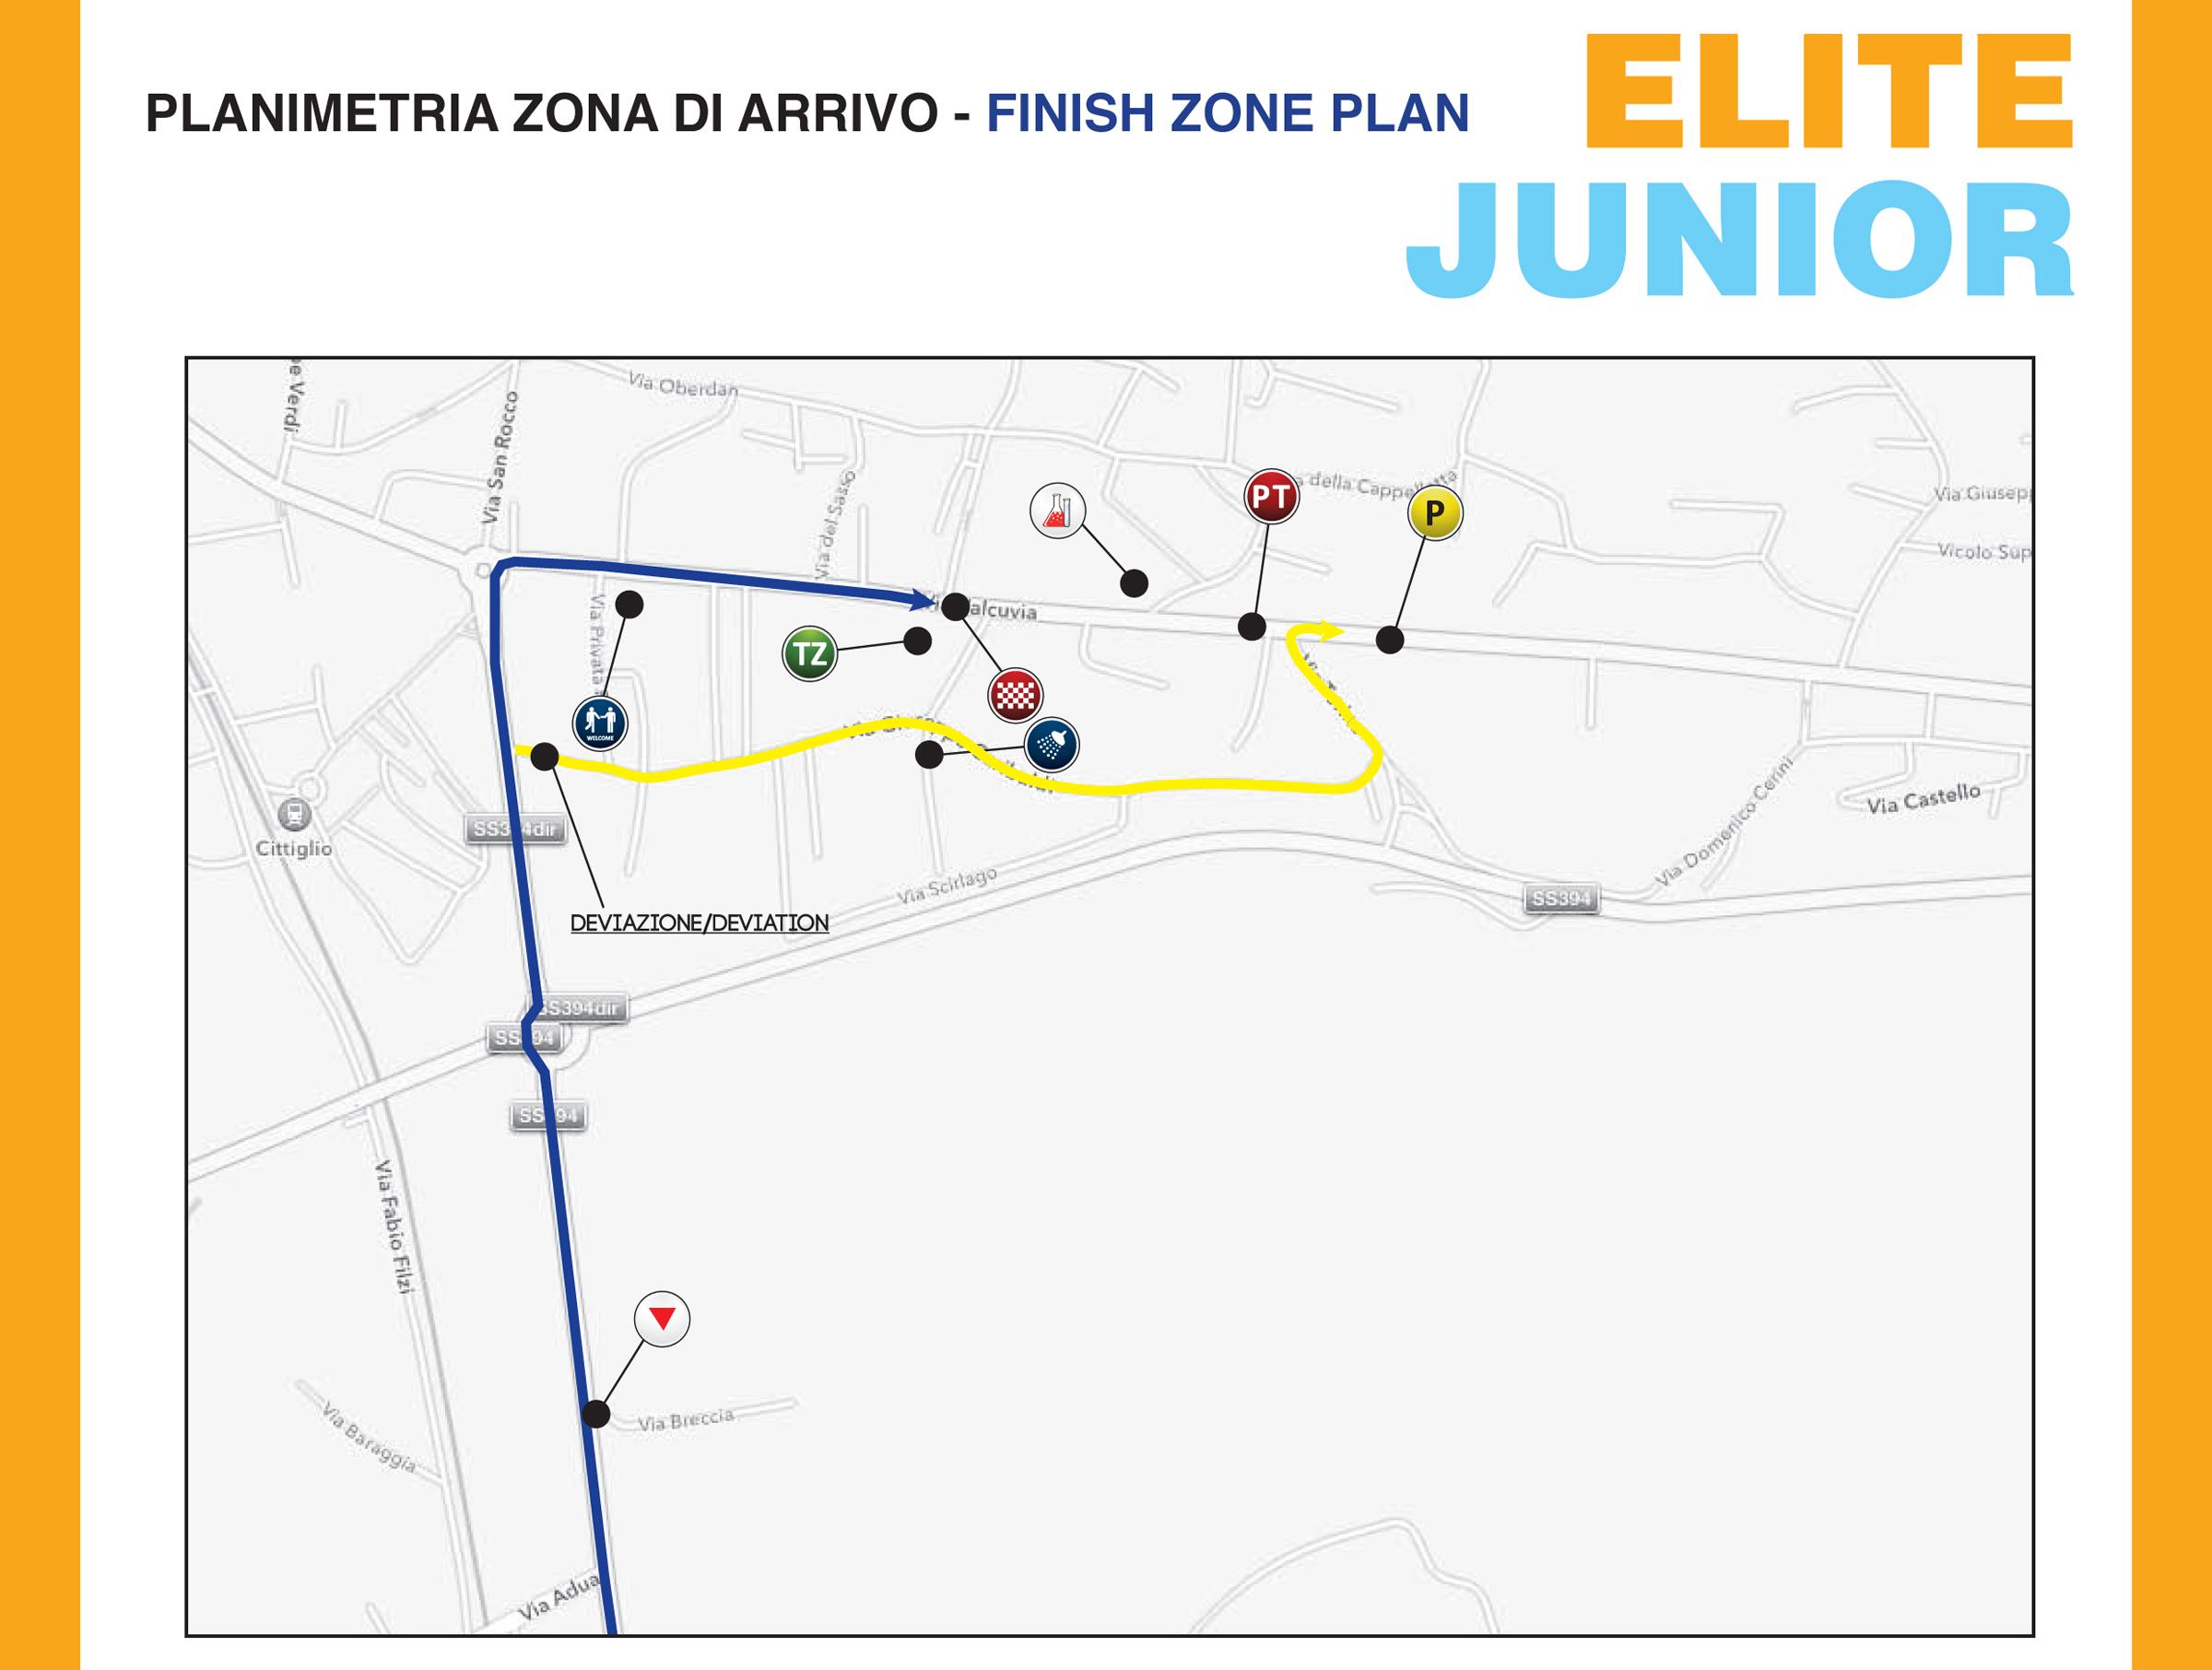 planimetria-arrivo-elite-e-junior